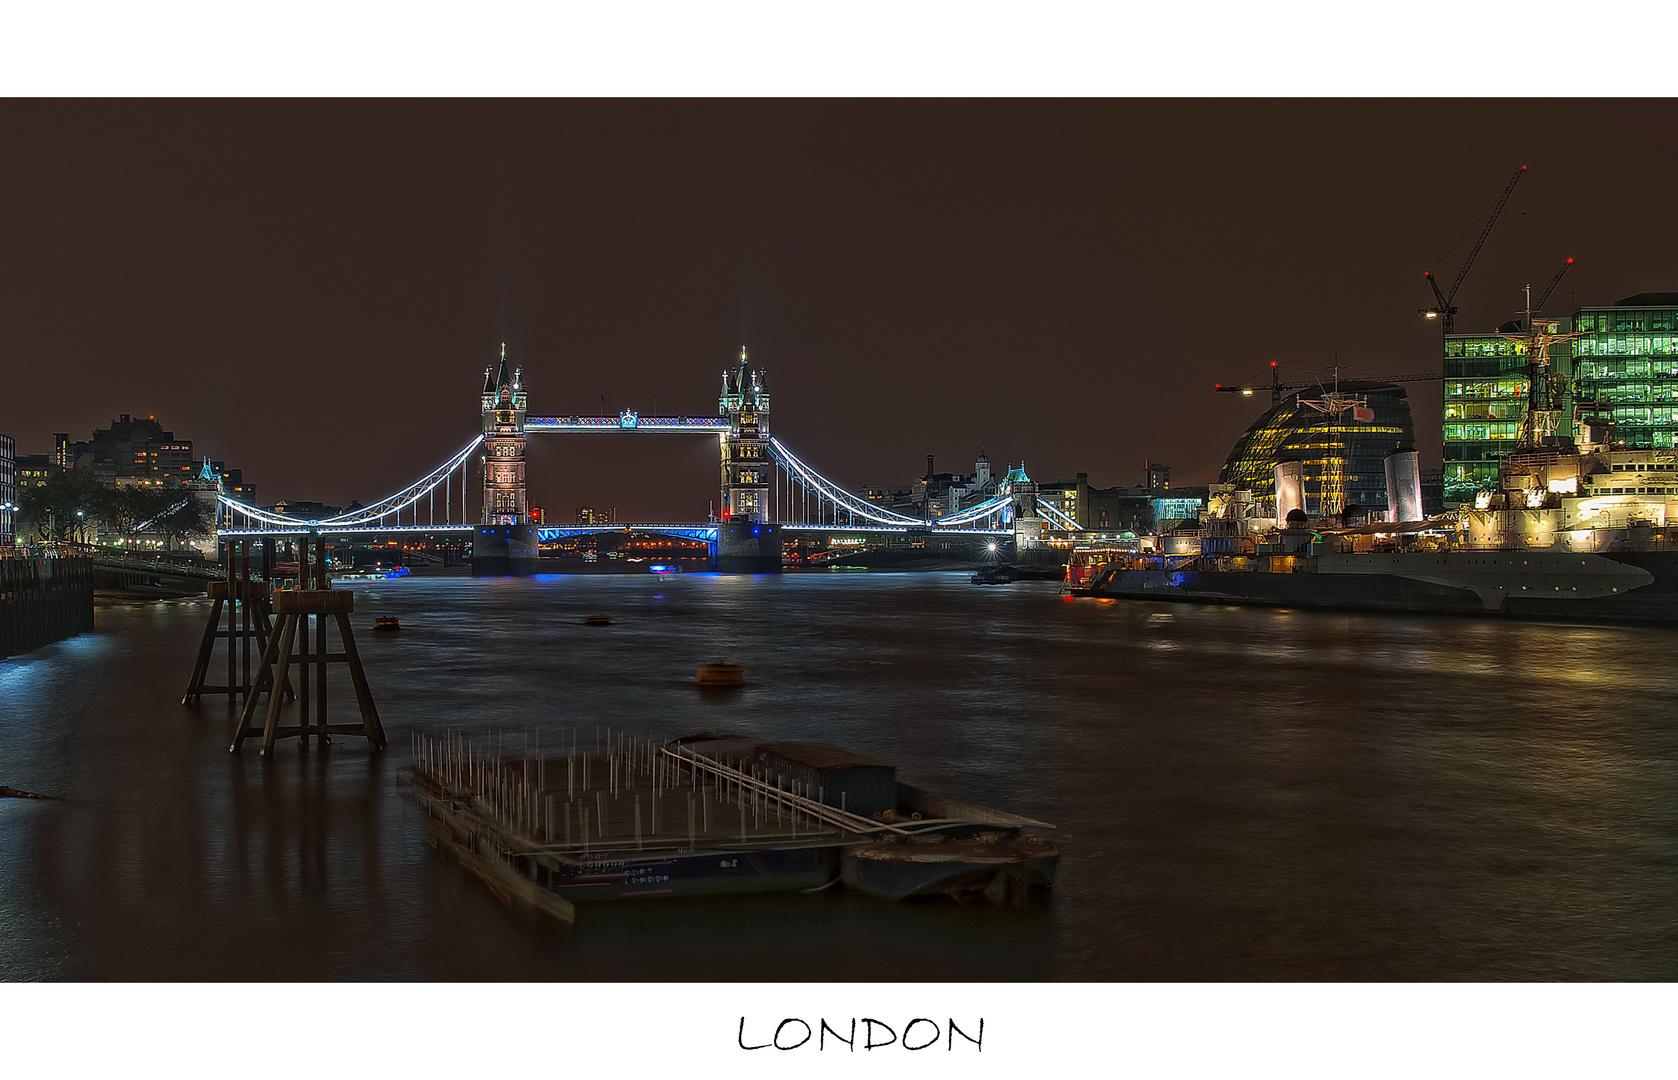 Nacht an der Themse